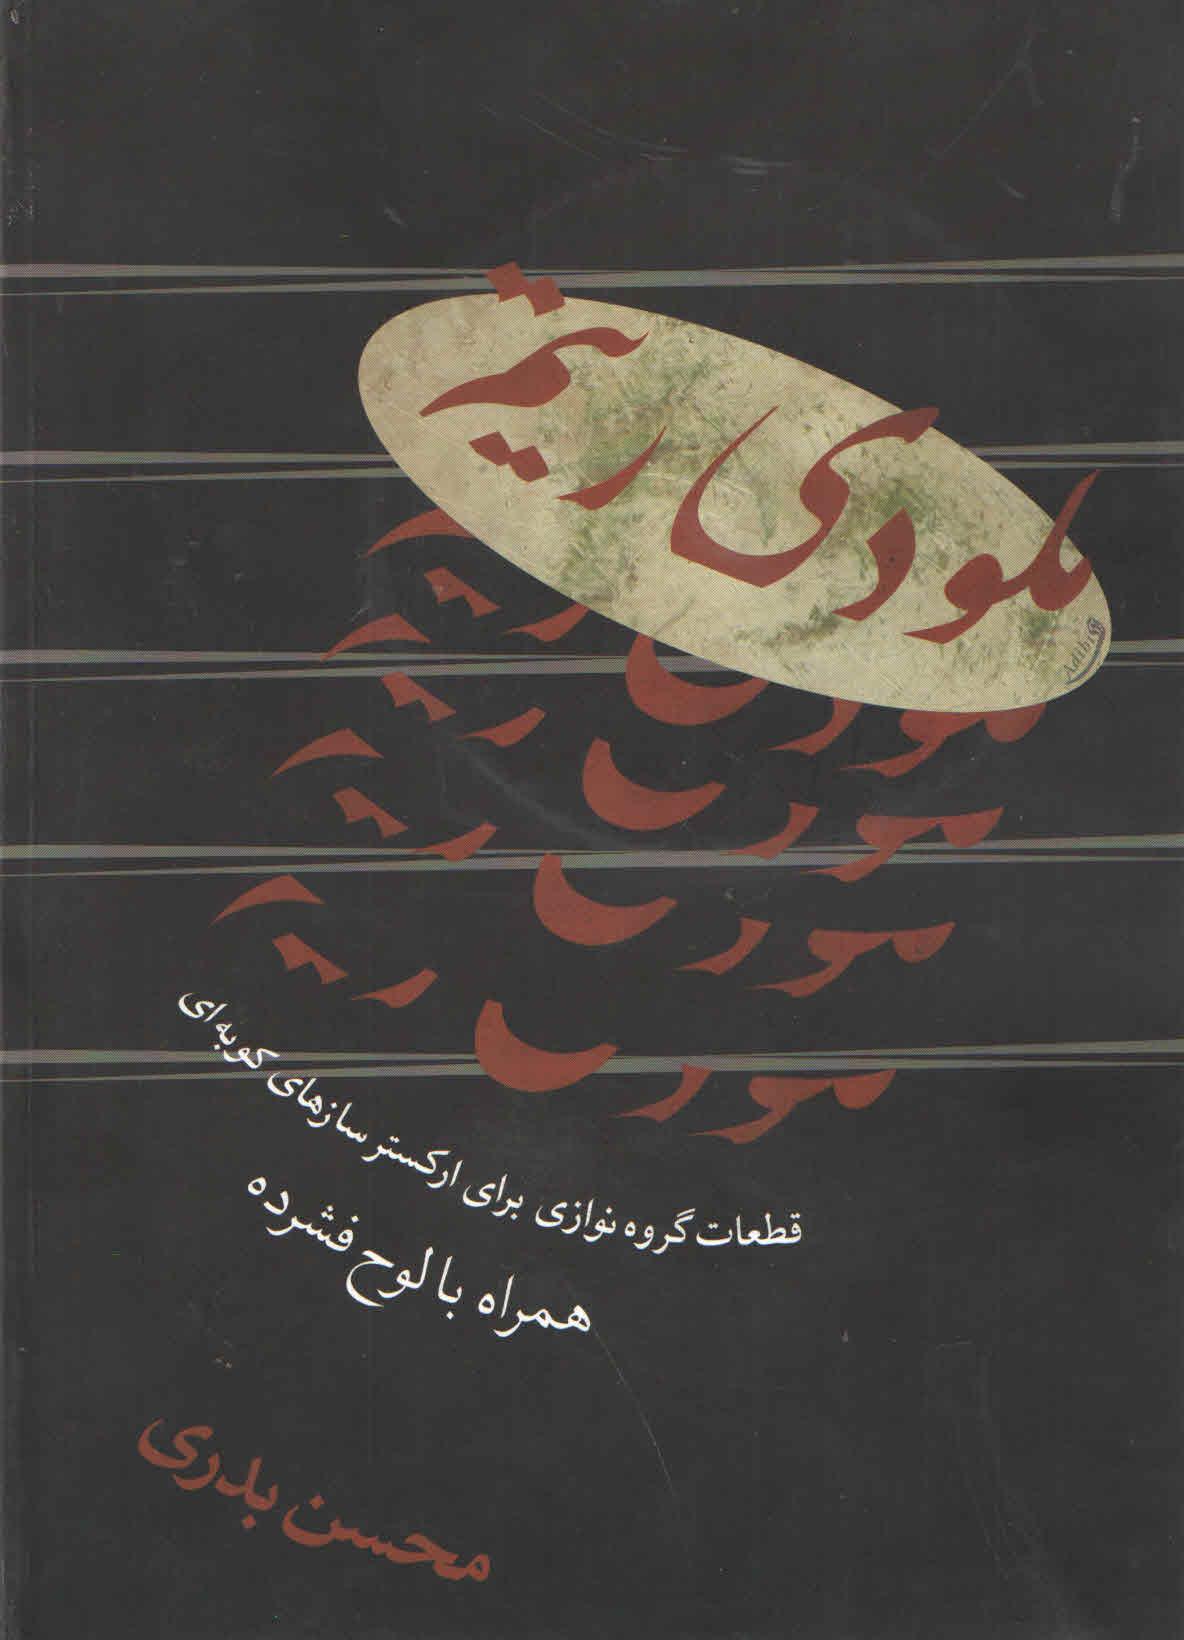 ملودی ریتم با CD قطعاتی برای ارکستر ساز کوبه محسن بدری